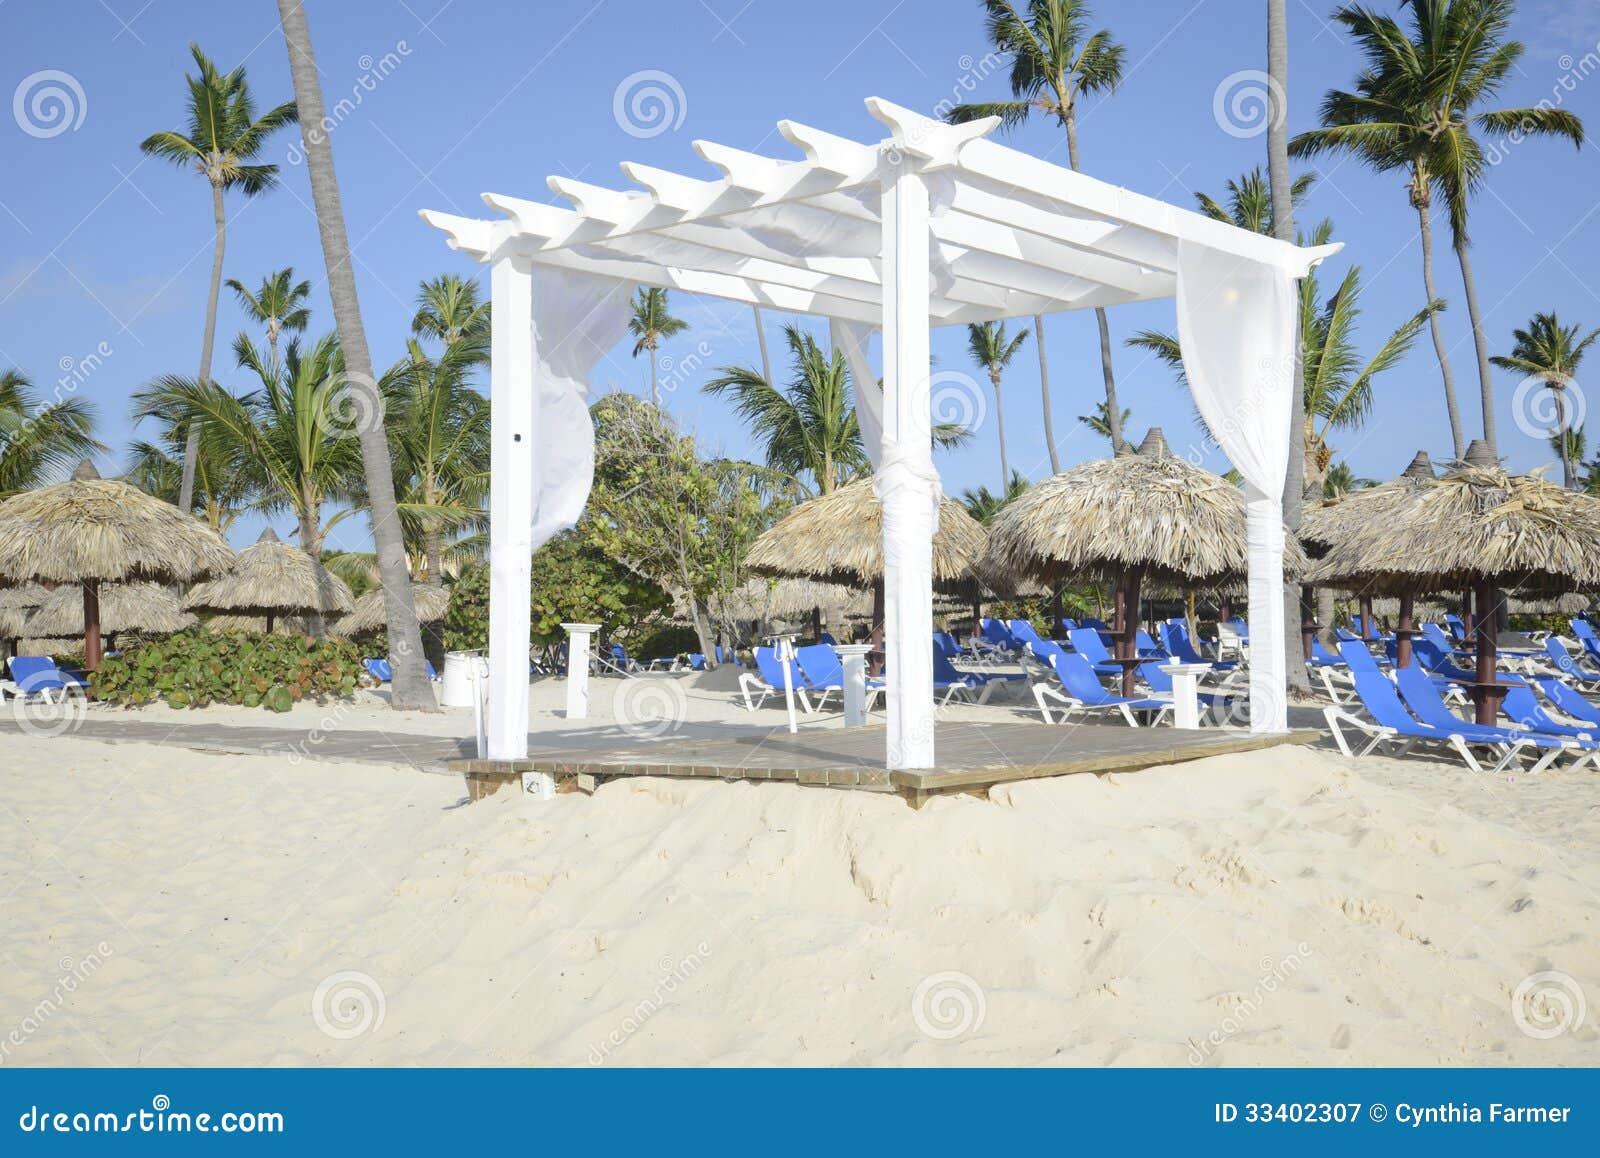 Gazebo In Legno Bianco.Gazebo Di Legno Bianco Su Una Spiaggia Immagine Stock Immagine Di